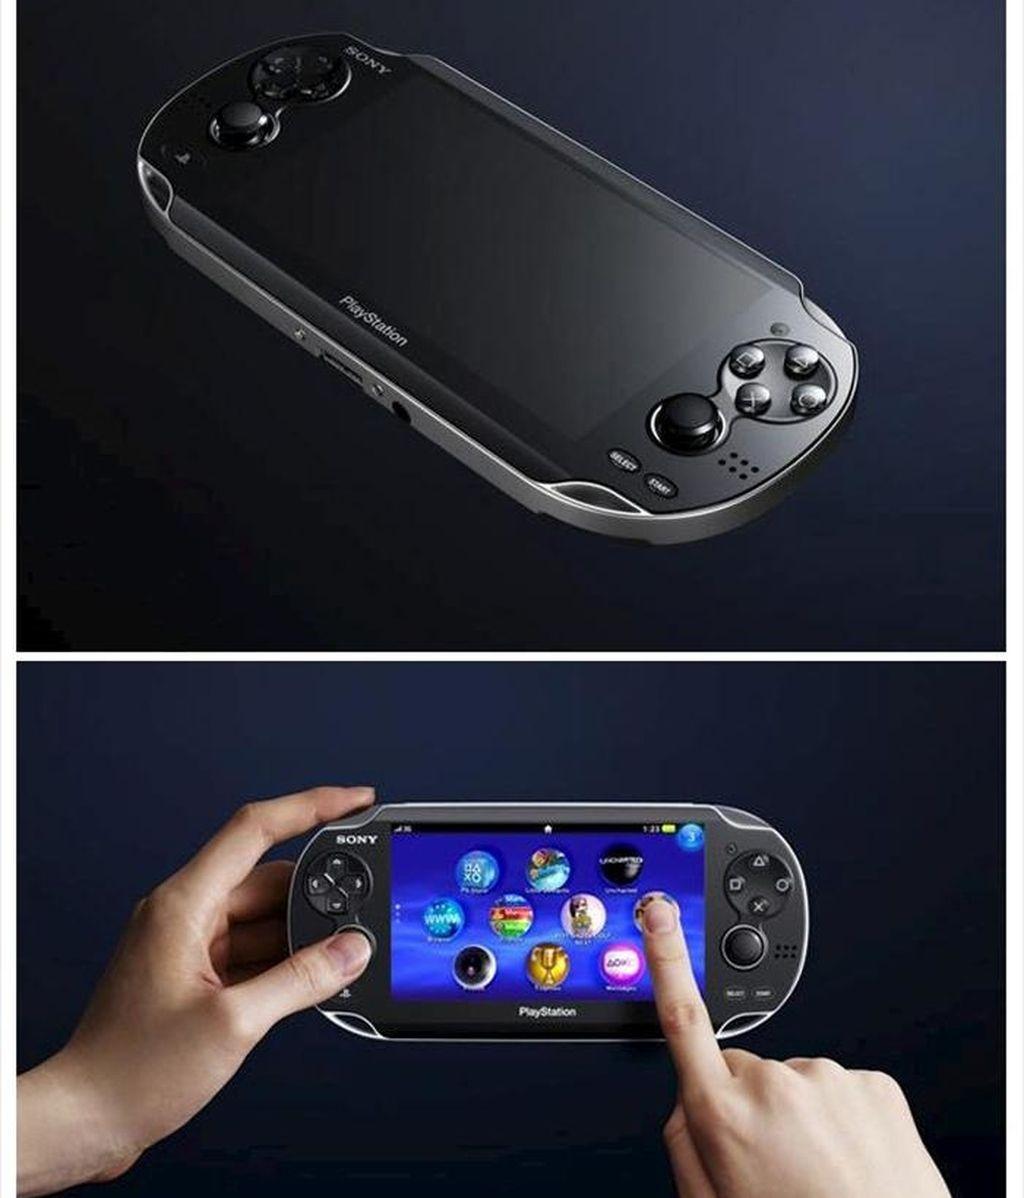 Fotografía facilitada por Sony de la nueva Next Generation Portable, una nueva consola portátil con conexión 3G y pantalla táctil que saldrá a la venta este año y que ha sido presentada por el gigante japonés en Tokio. EFE/Archivo